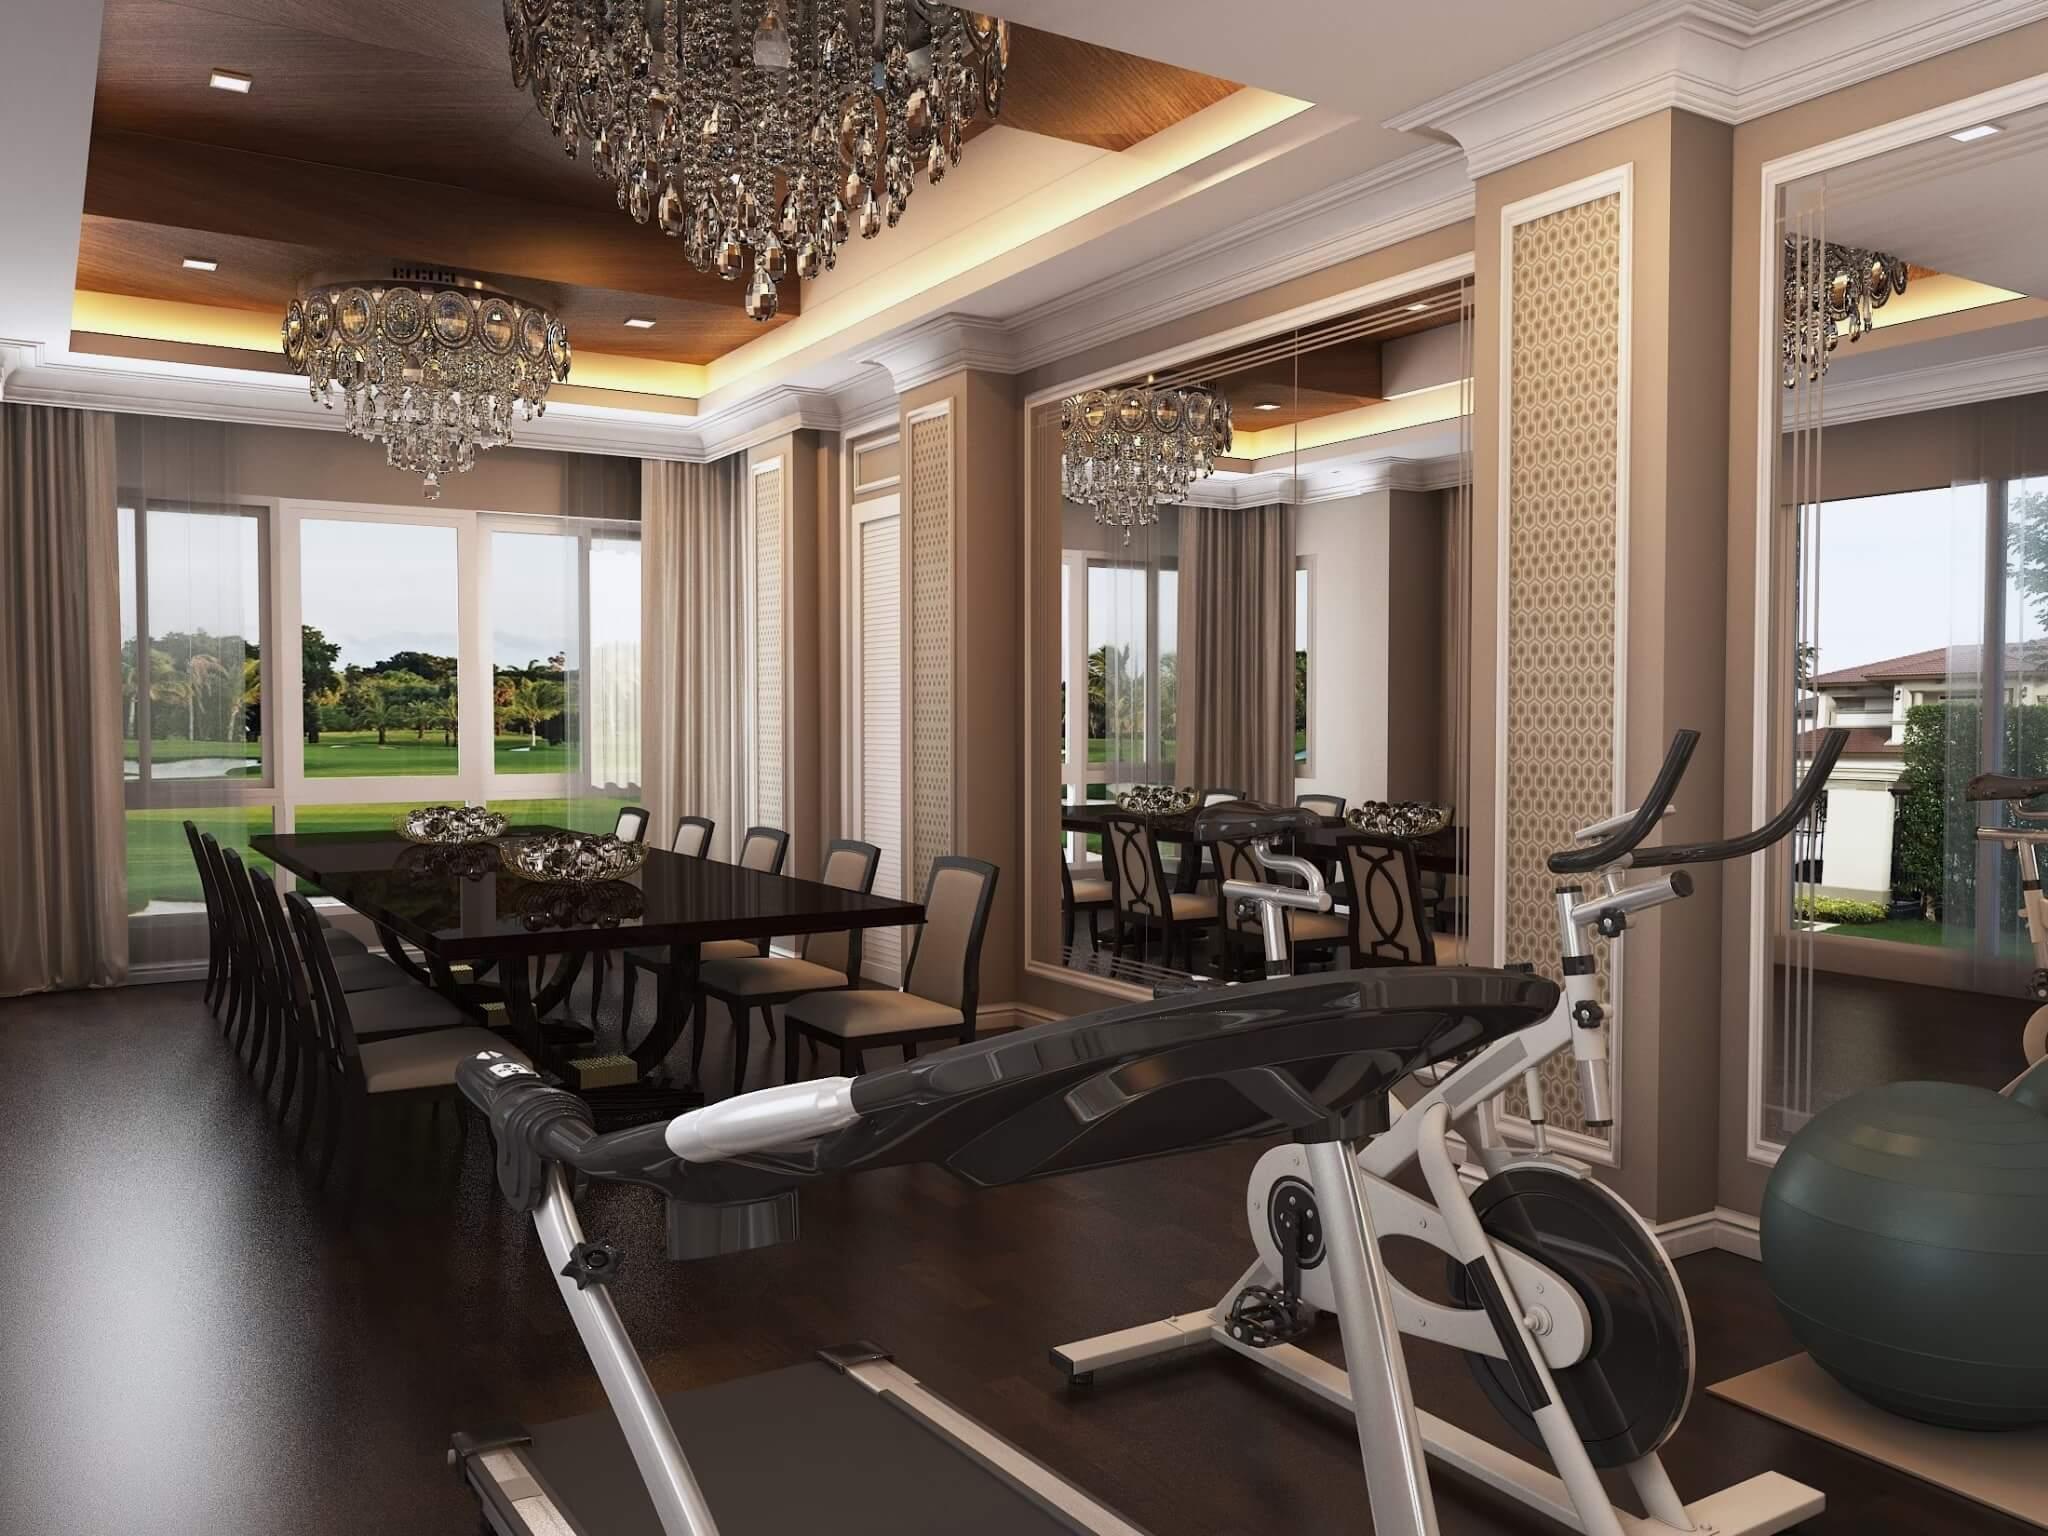 ออกแบบตกแต่งภายใน ตกแต่งภายใน ออกแบบภายใน บริษัทออกแบบภายใน interior Bareo รับออกแบบตกแต่งภายใน รับออกแบบตกแต่ง เฟอร์นิเจอร์ Build in ห้องออกกำลังกาย ห้องประชุม ห้องทางอาหาร